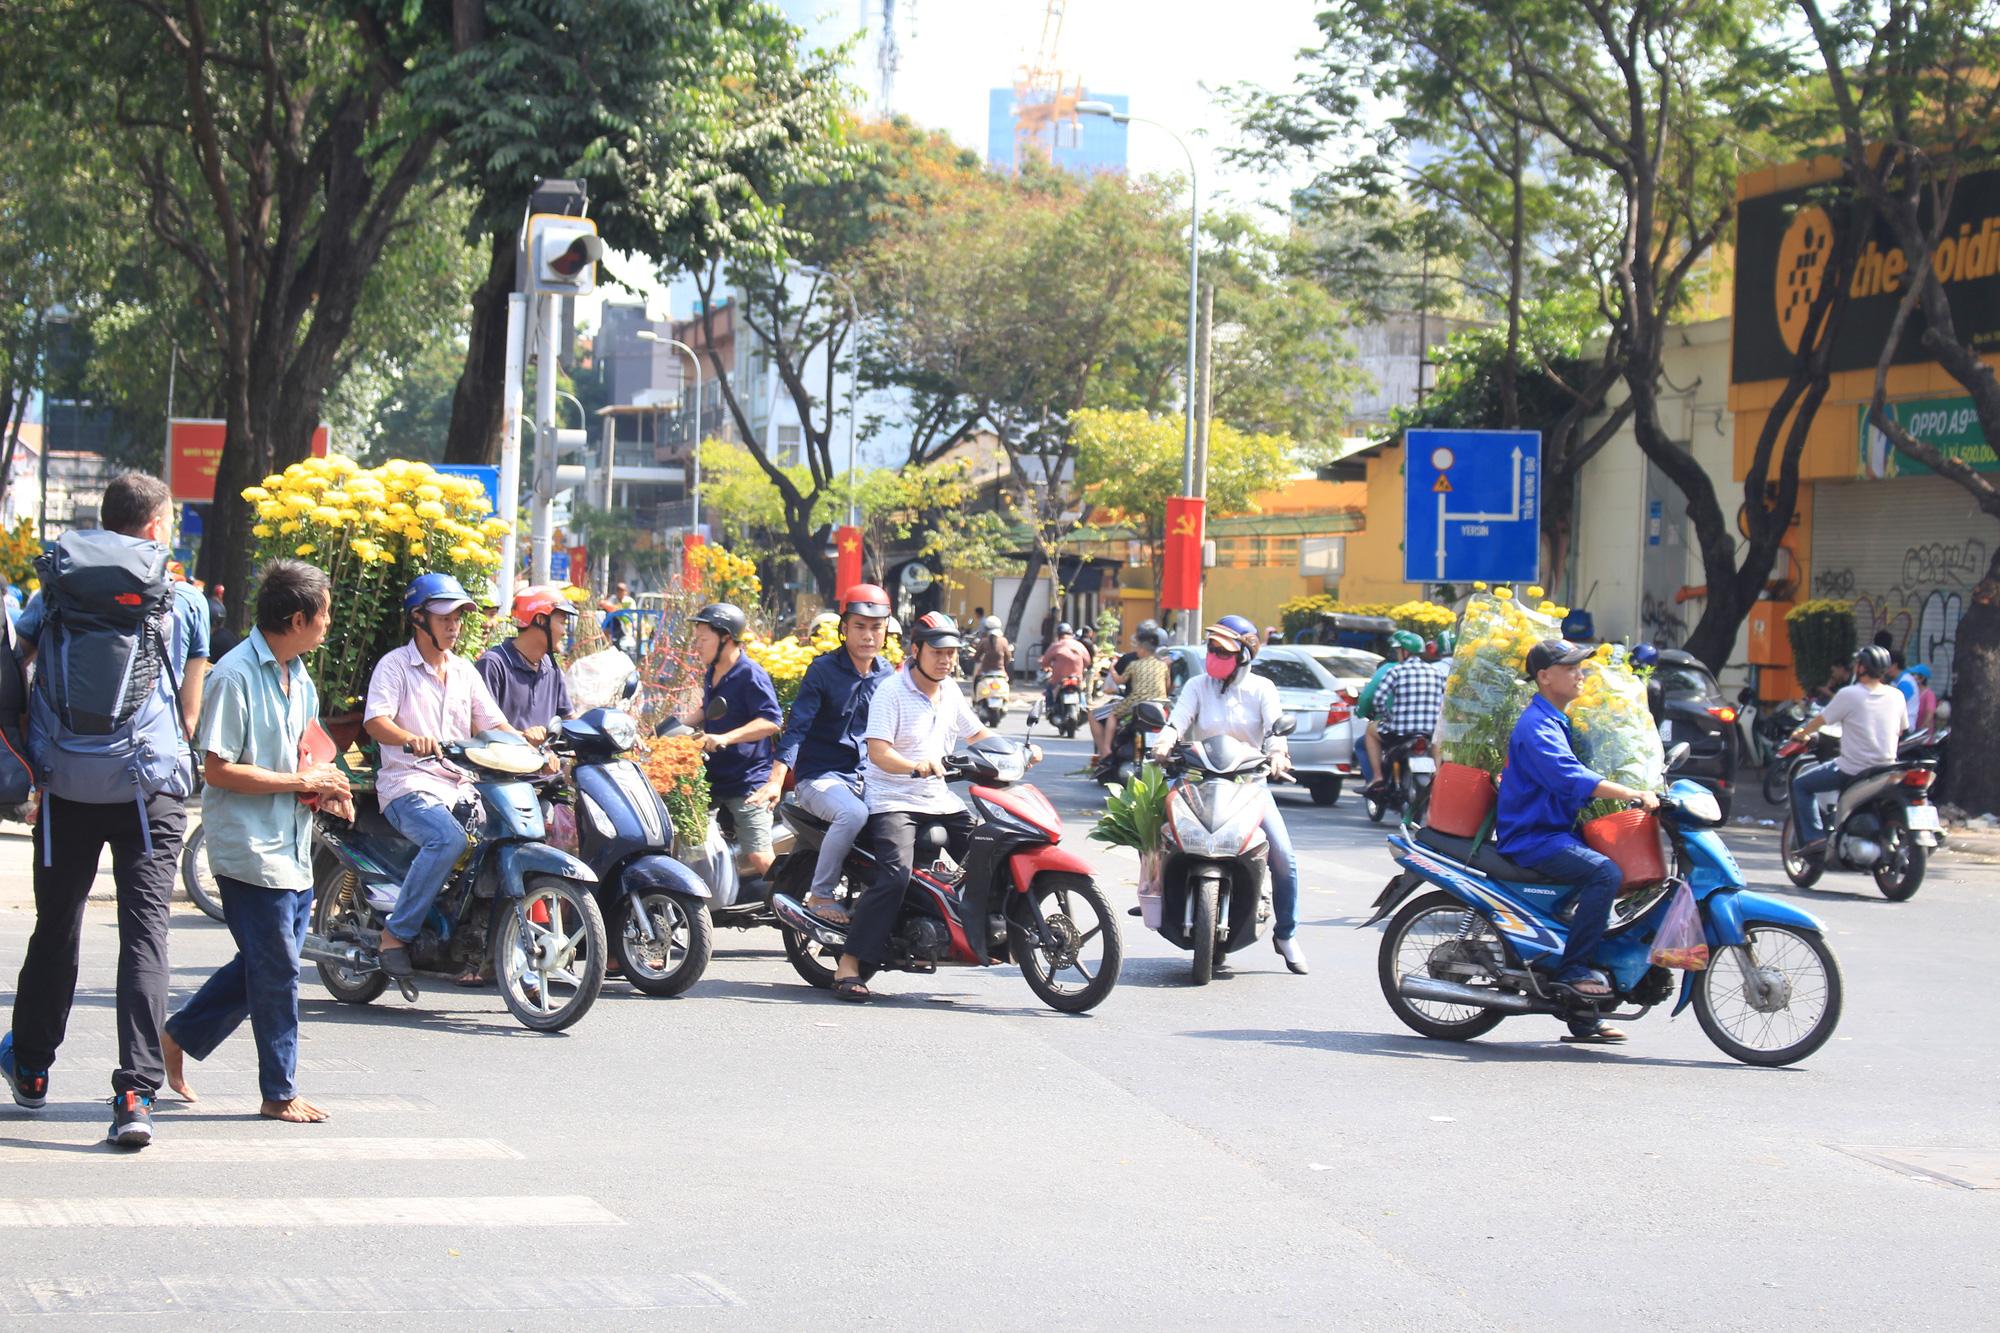 Trưa 30 Tết, mai, đào, hướng dương bán rẻ như cho 50.000 đồng một cây ở chợ hoa Sài Gòn - Ảnh 14.